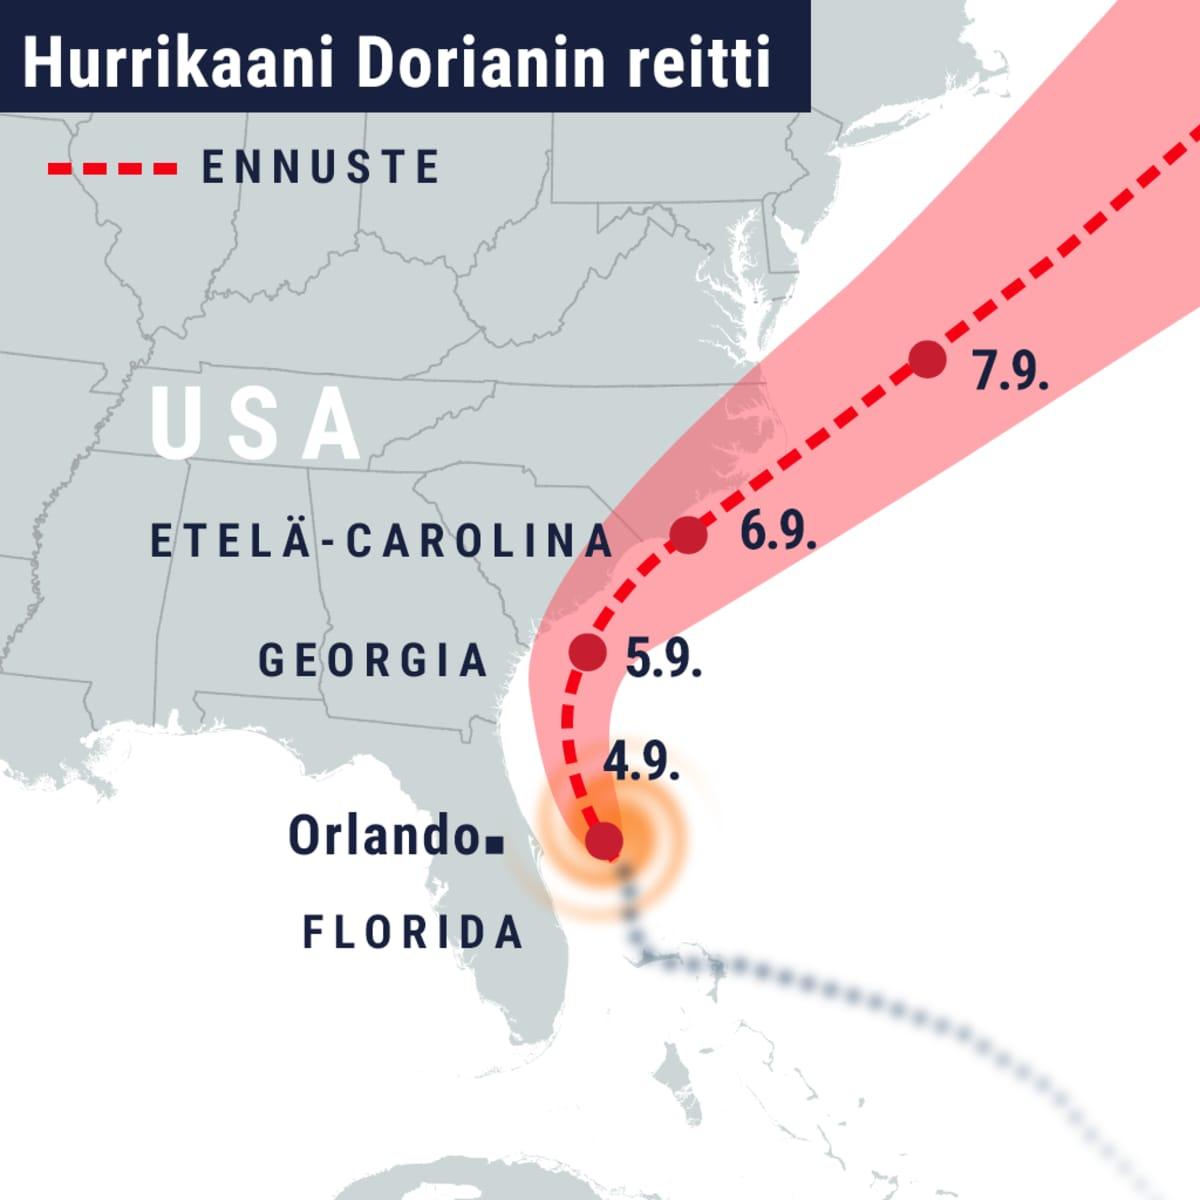 Hurrikaani Dorianin reitti